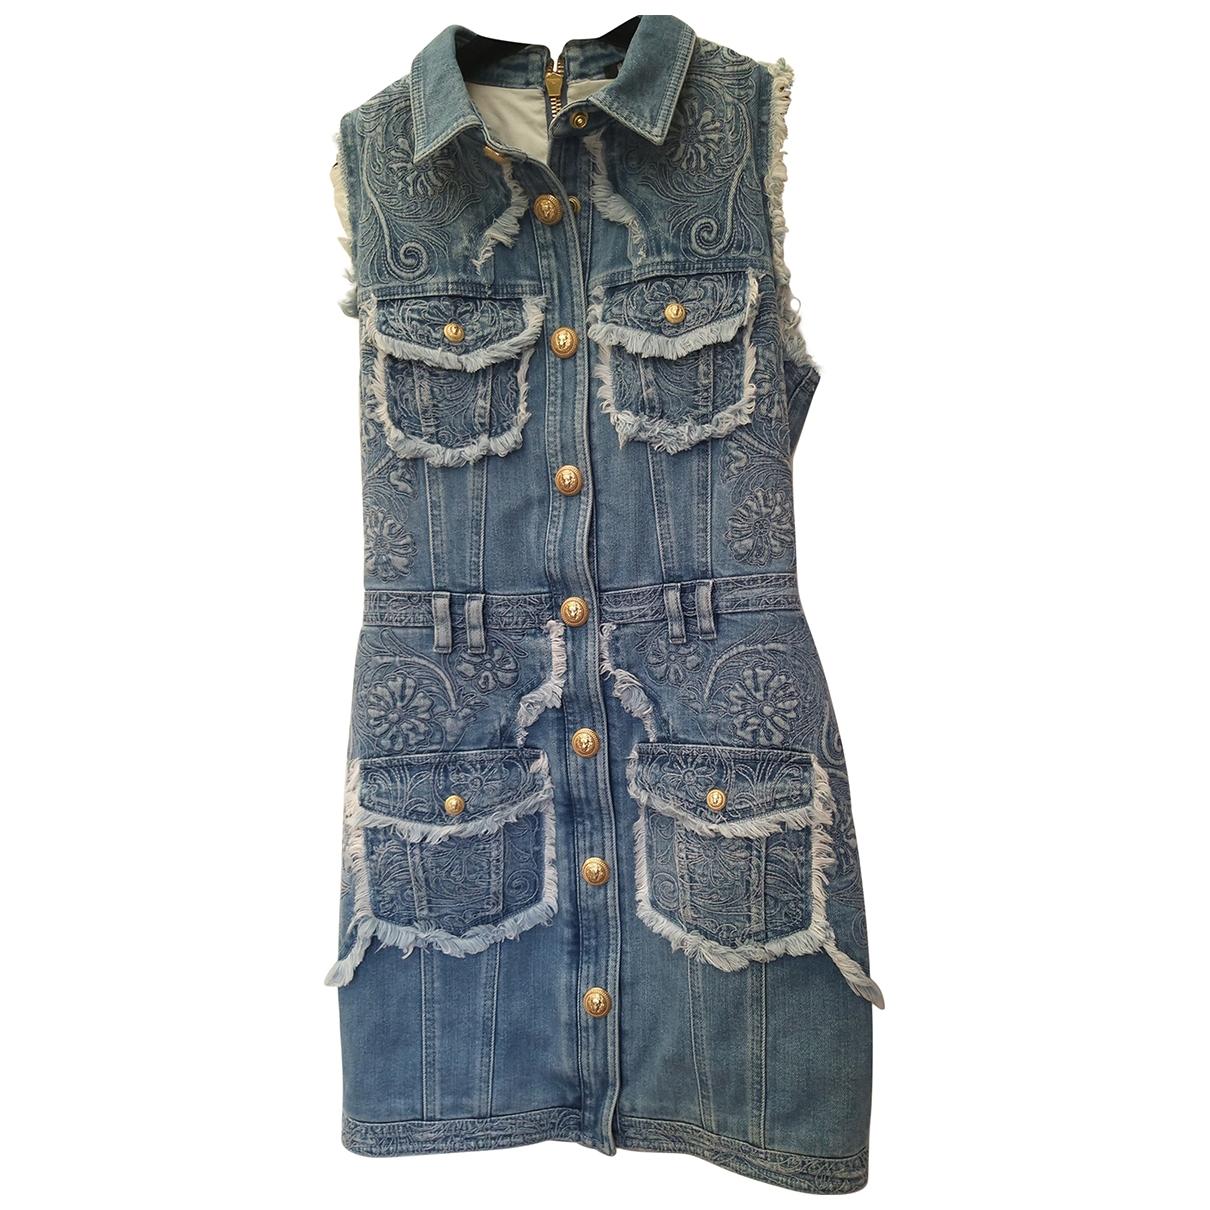 Balmain \N Kleid in  Blau Denim - Jeans